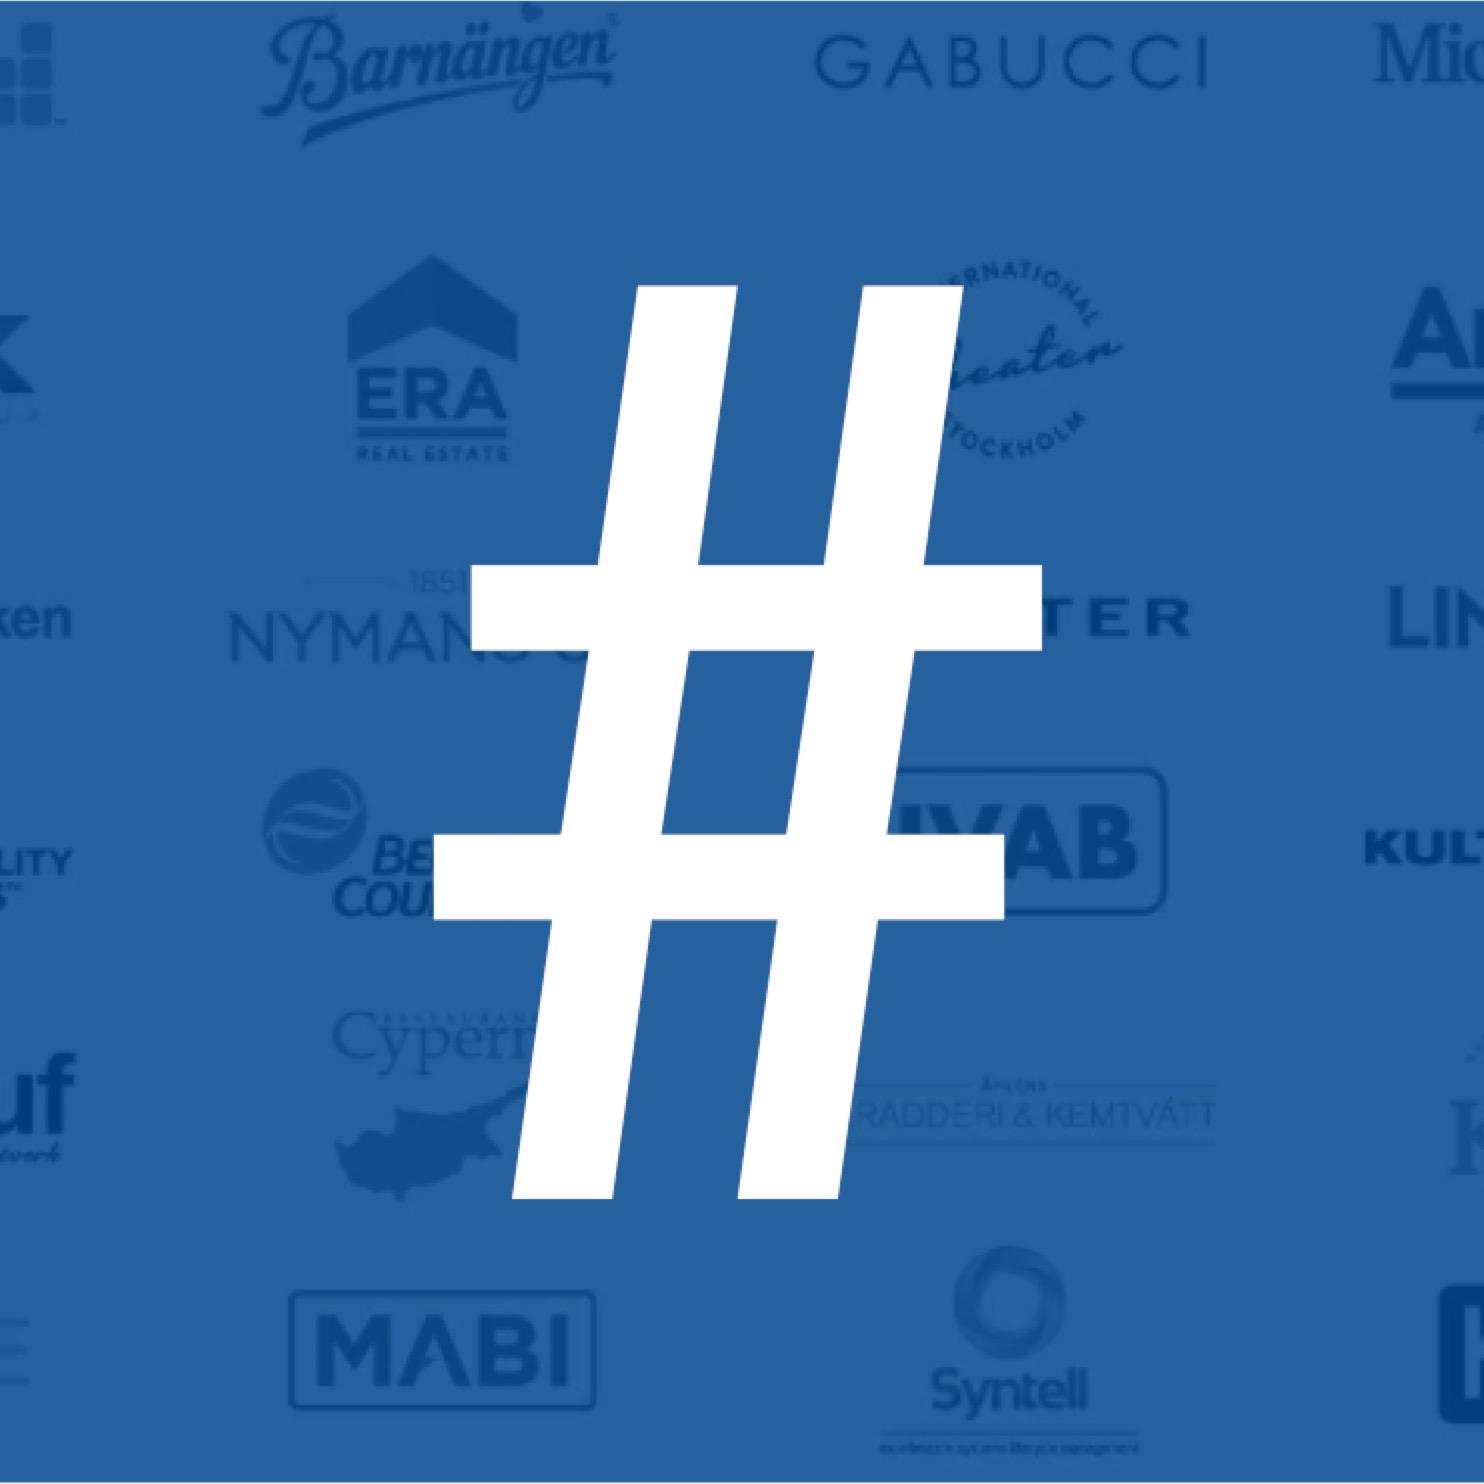 Bygg ett starkt varumärke genom sociala medier: Vilken kanal passar ert företag bäst? (Del 2)